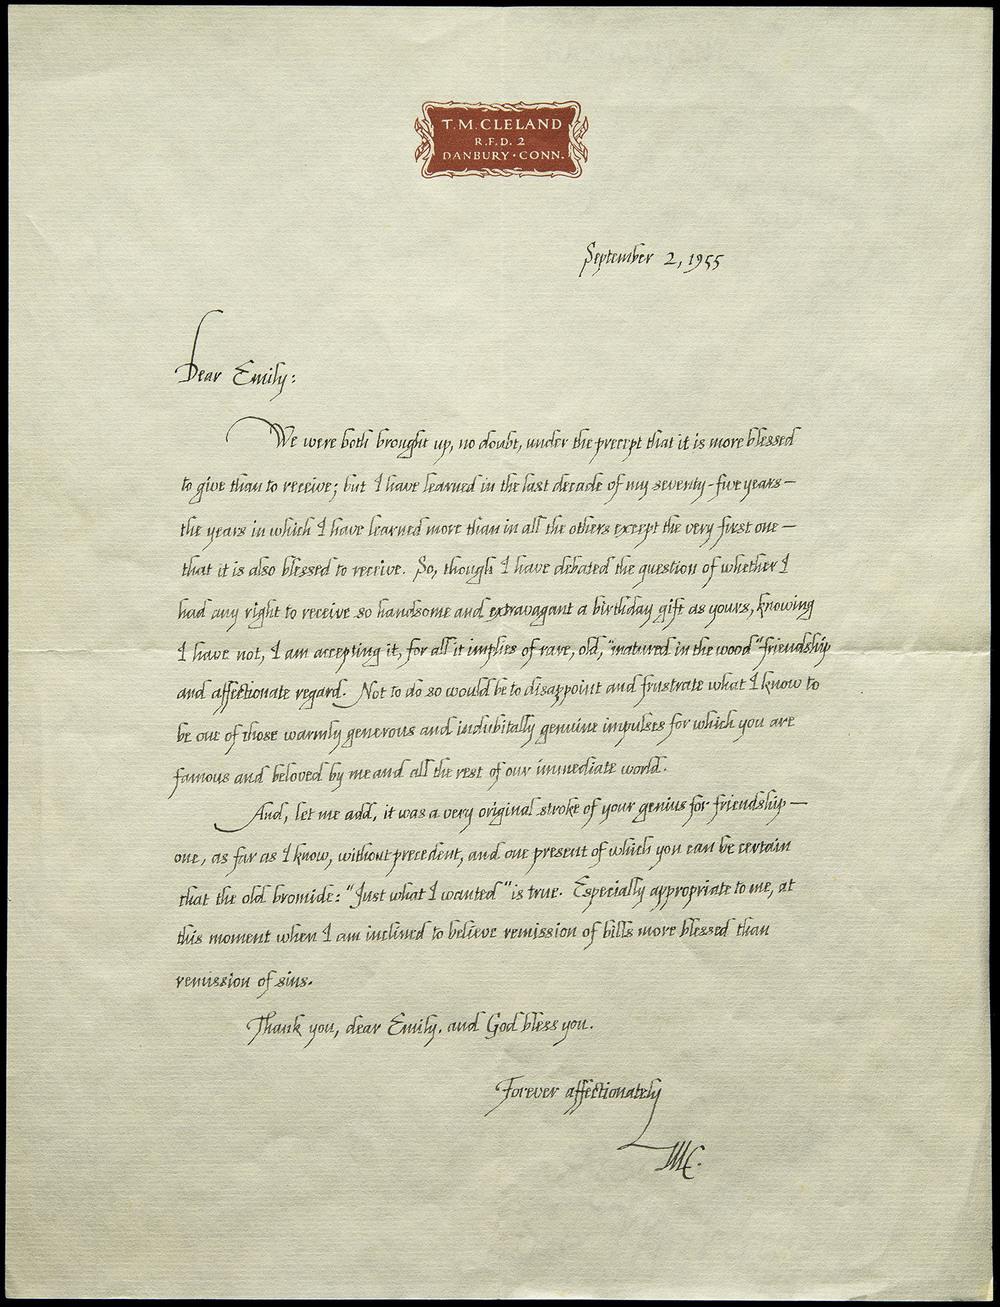 Thomas Maitland Cleland, autograph letter, Danbury CT, 1955, 21.2 x 27.8 cm